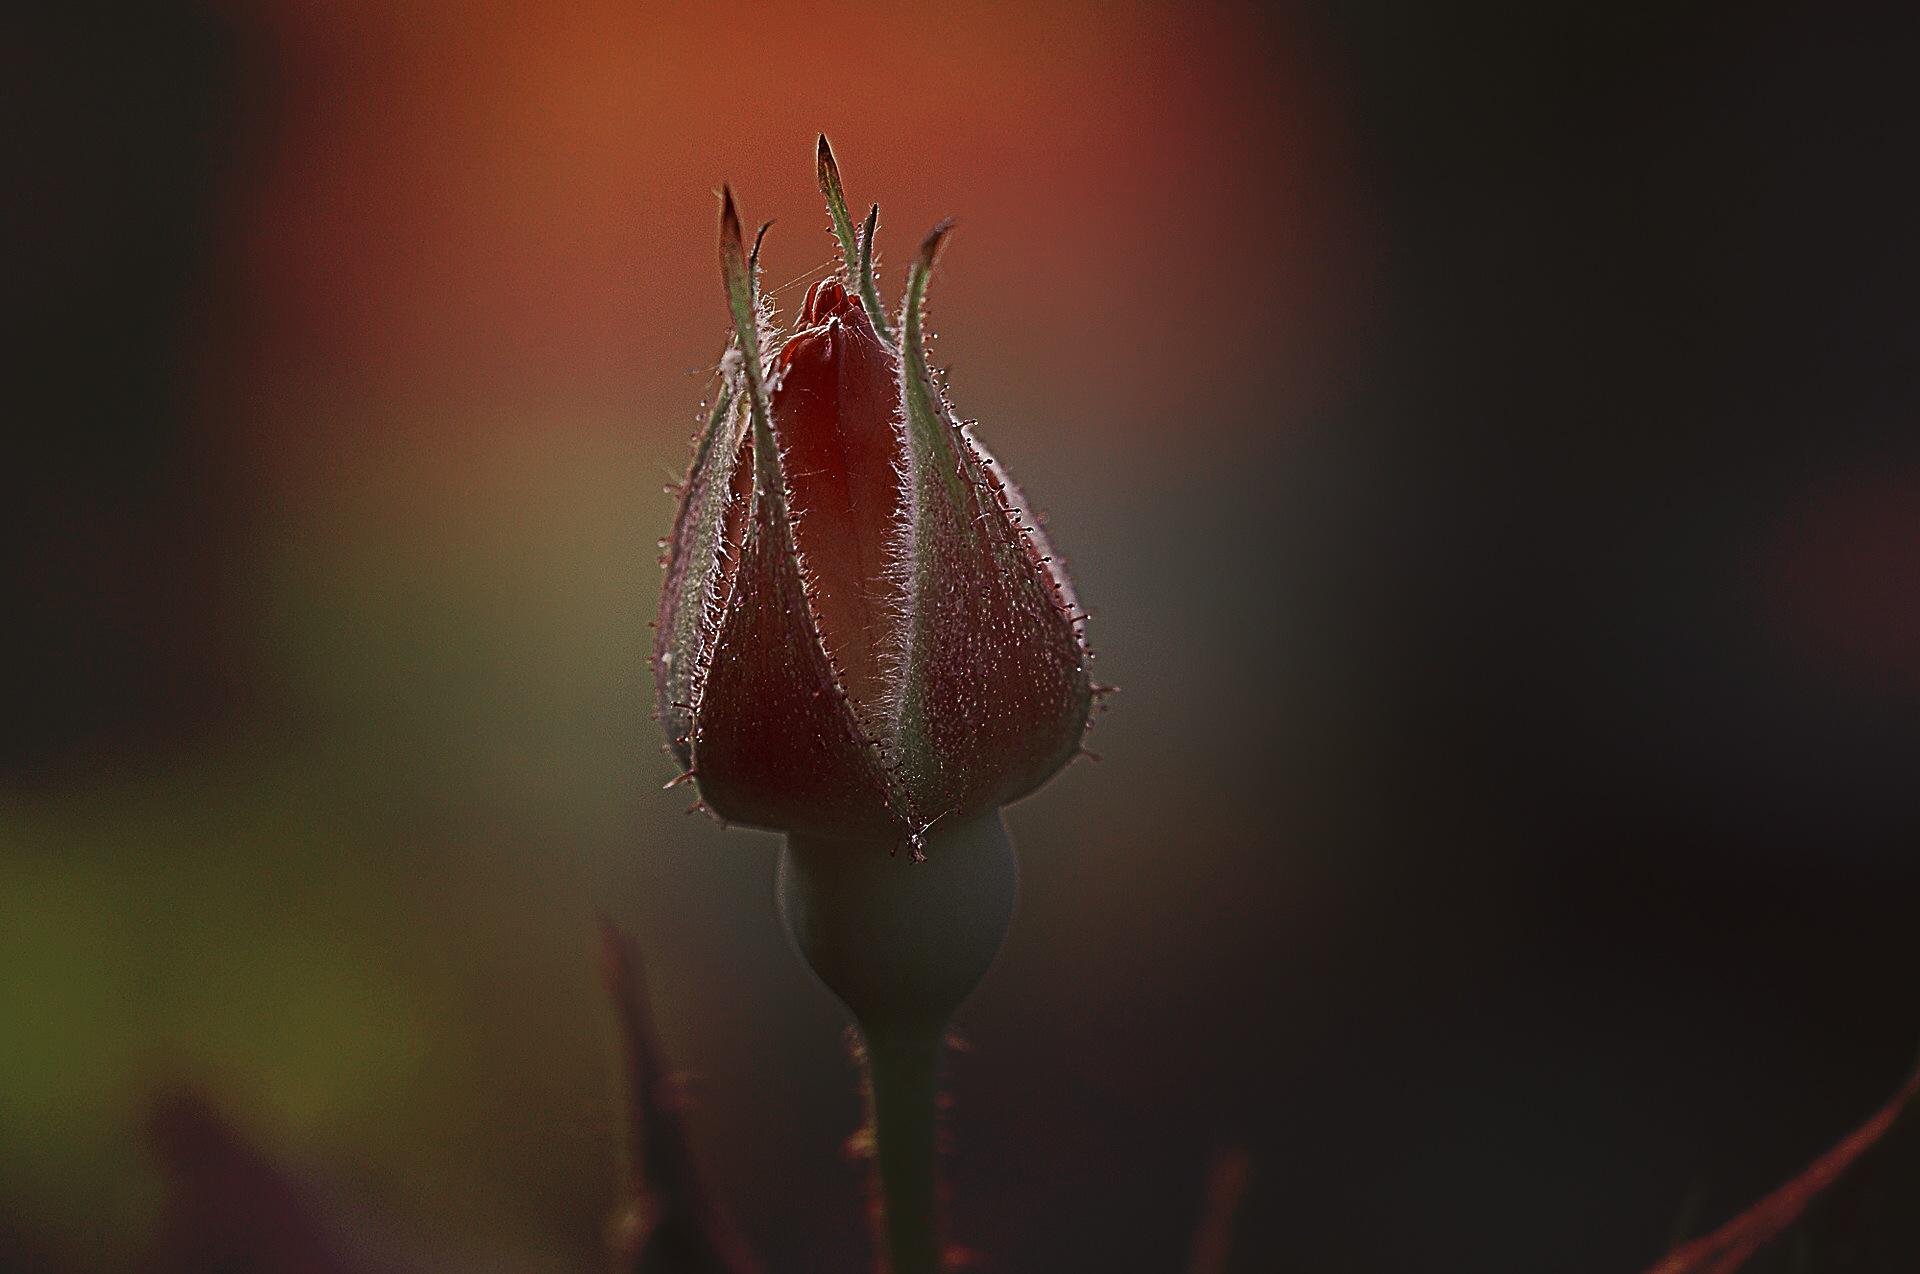 Rosebud by Lsb23